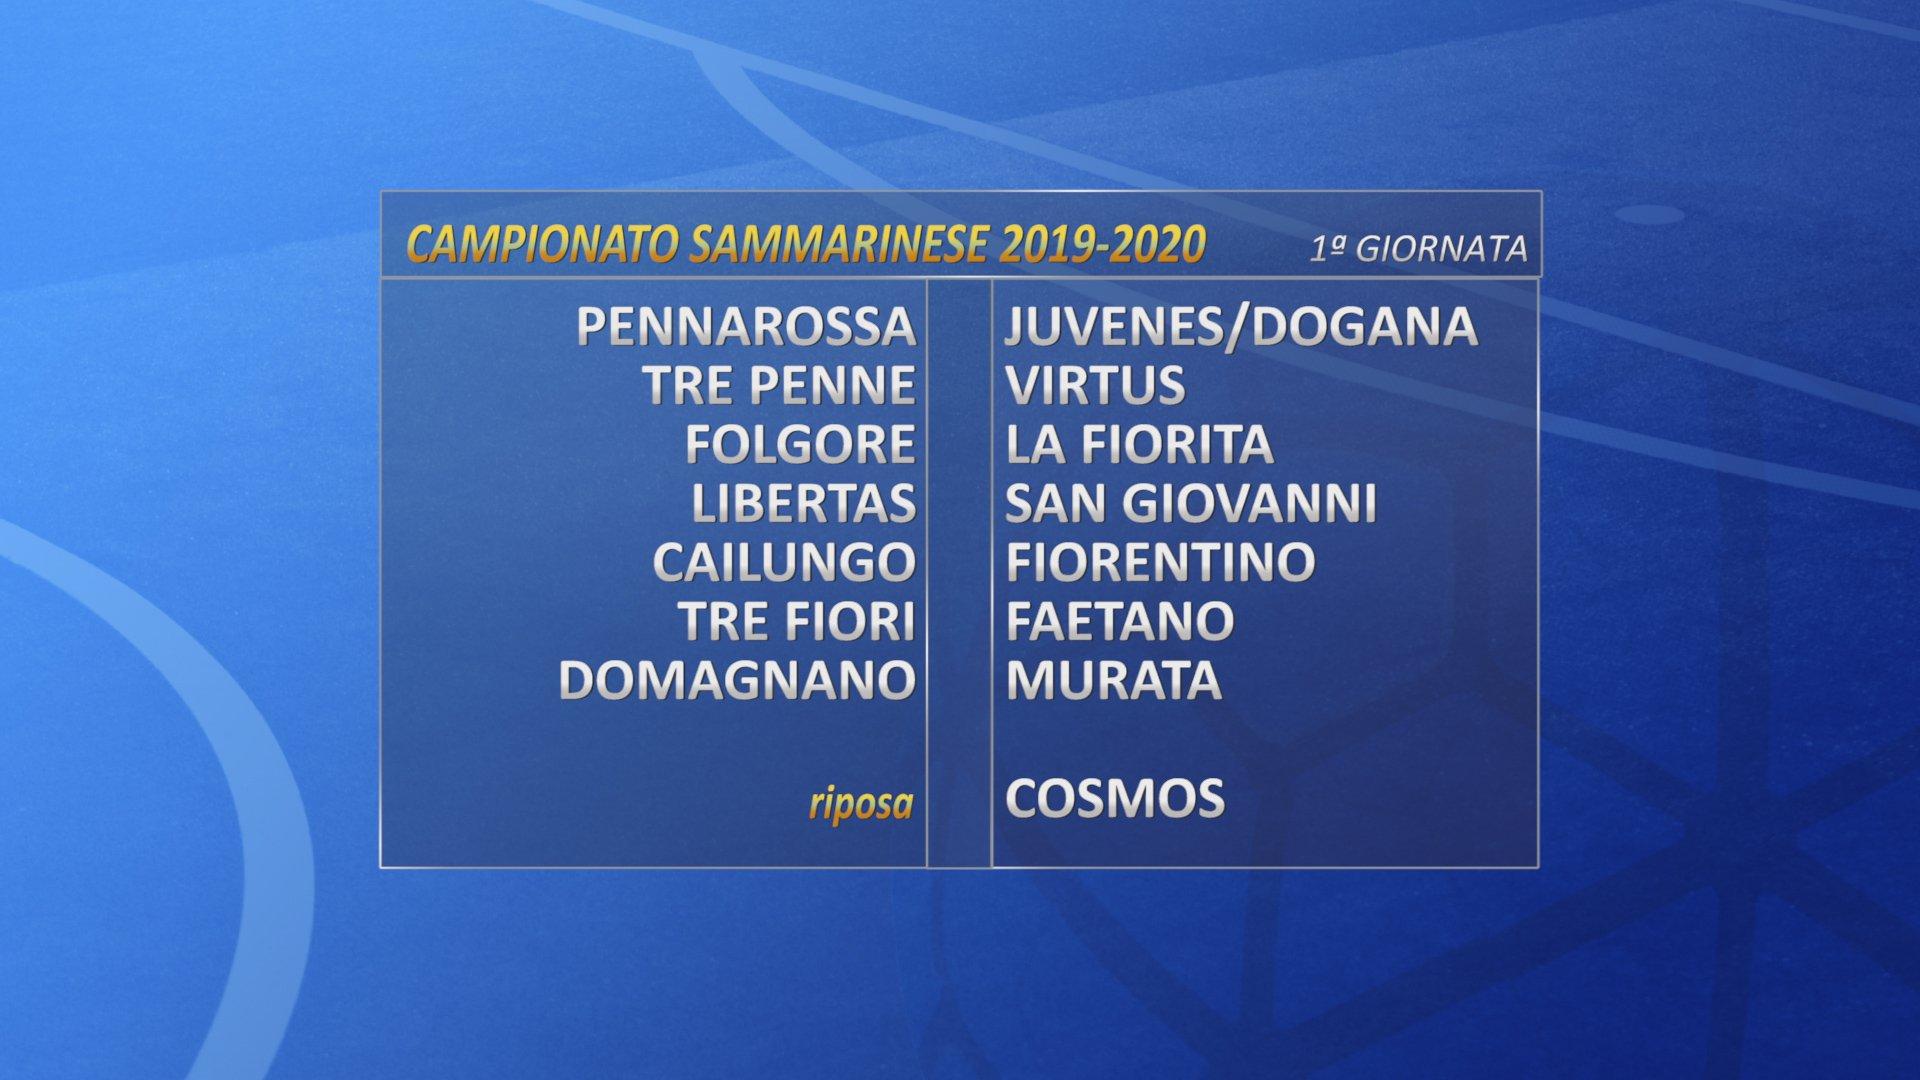 Calendario Mirabilandia 2020.Sorteggiati I Calendari Di Coppa Titano E Campionato Sammarinese